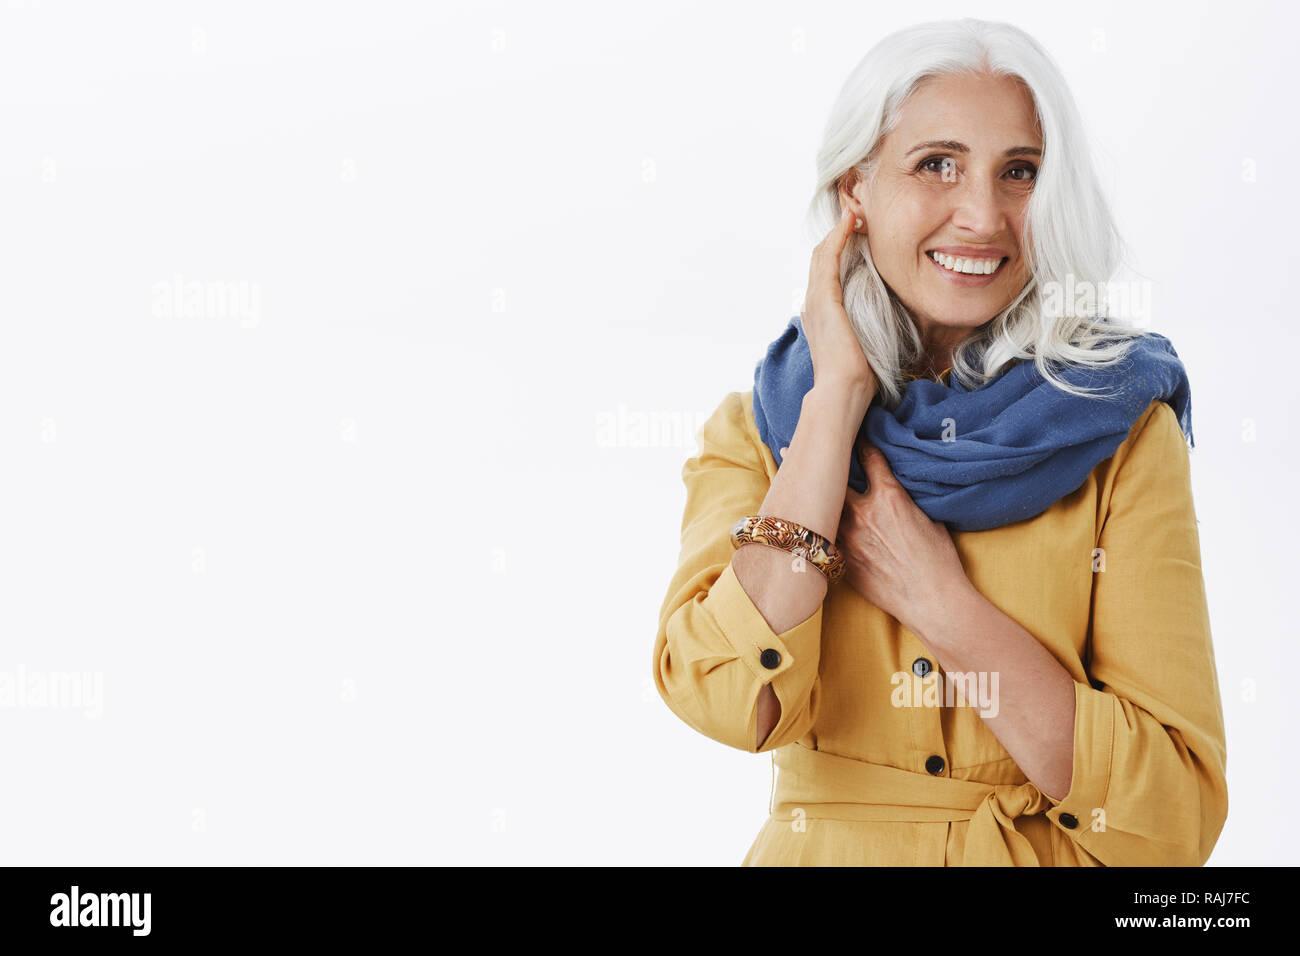 Wie Sehe Ich Aus Charmante Modische Und Freuen Uns Großmutter Mit